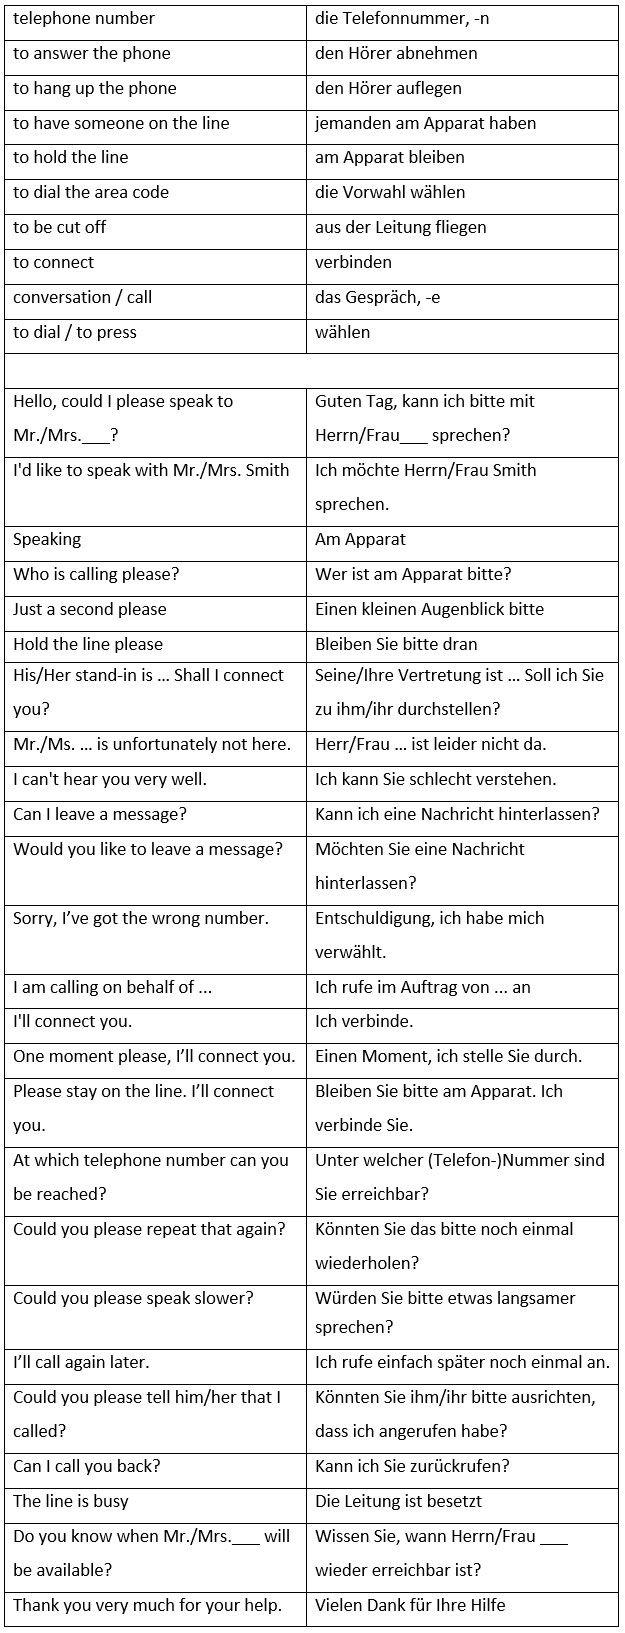 Deutsch zum telefonieren | @suburbiatory